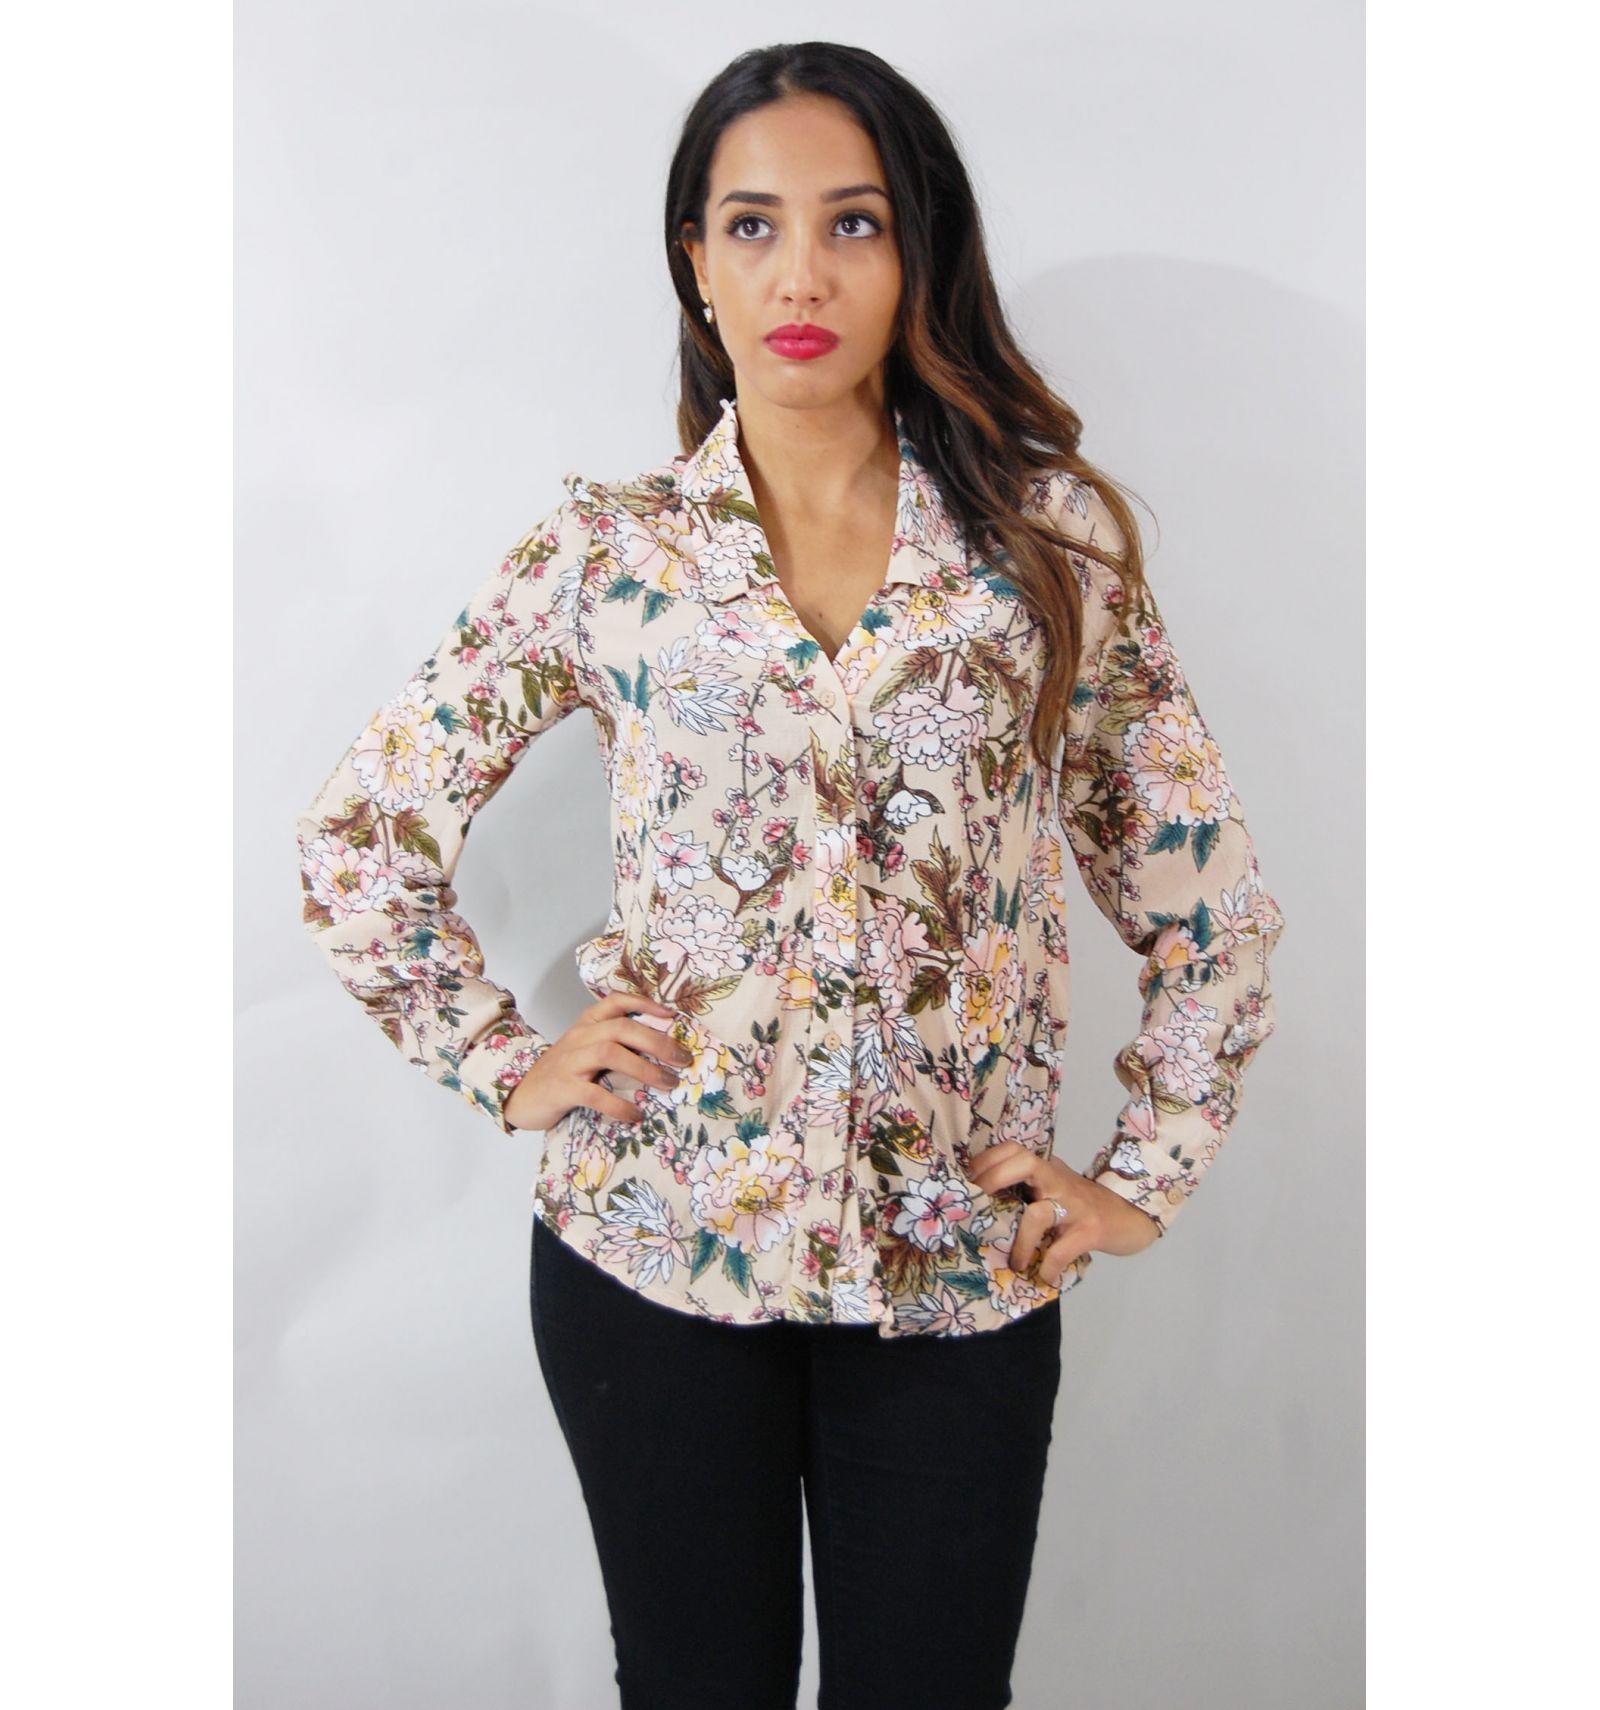 511690d3e7c9e comprar camisa manga larga estampado manga larga blusa manga larga